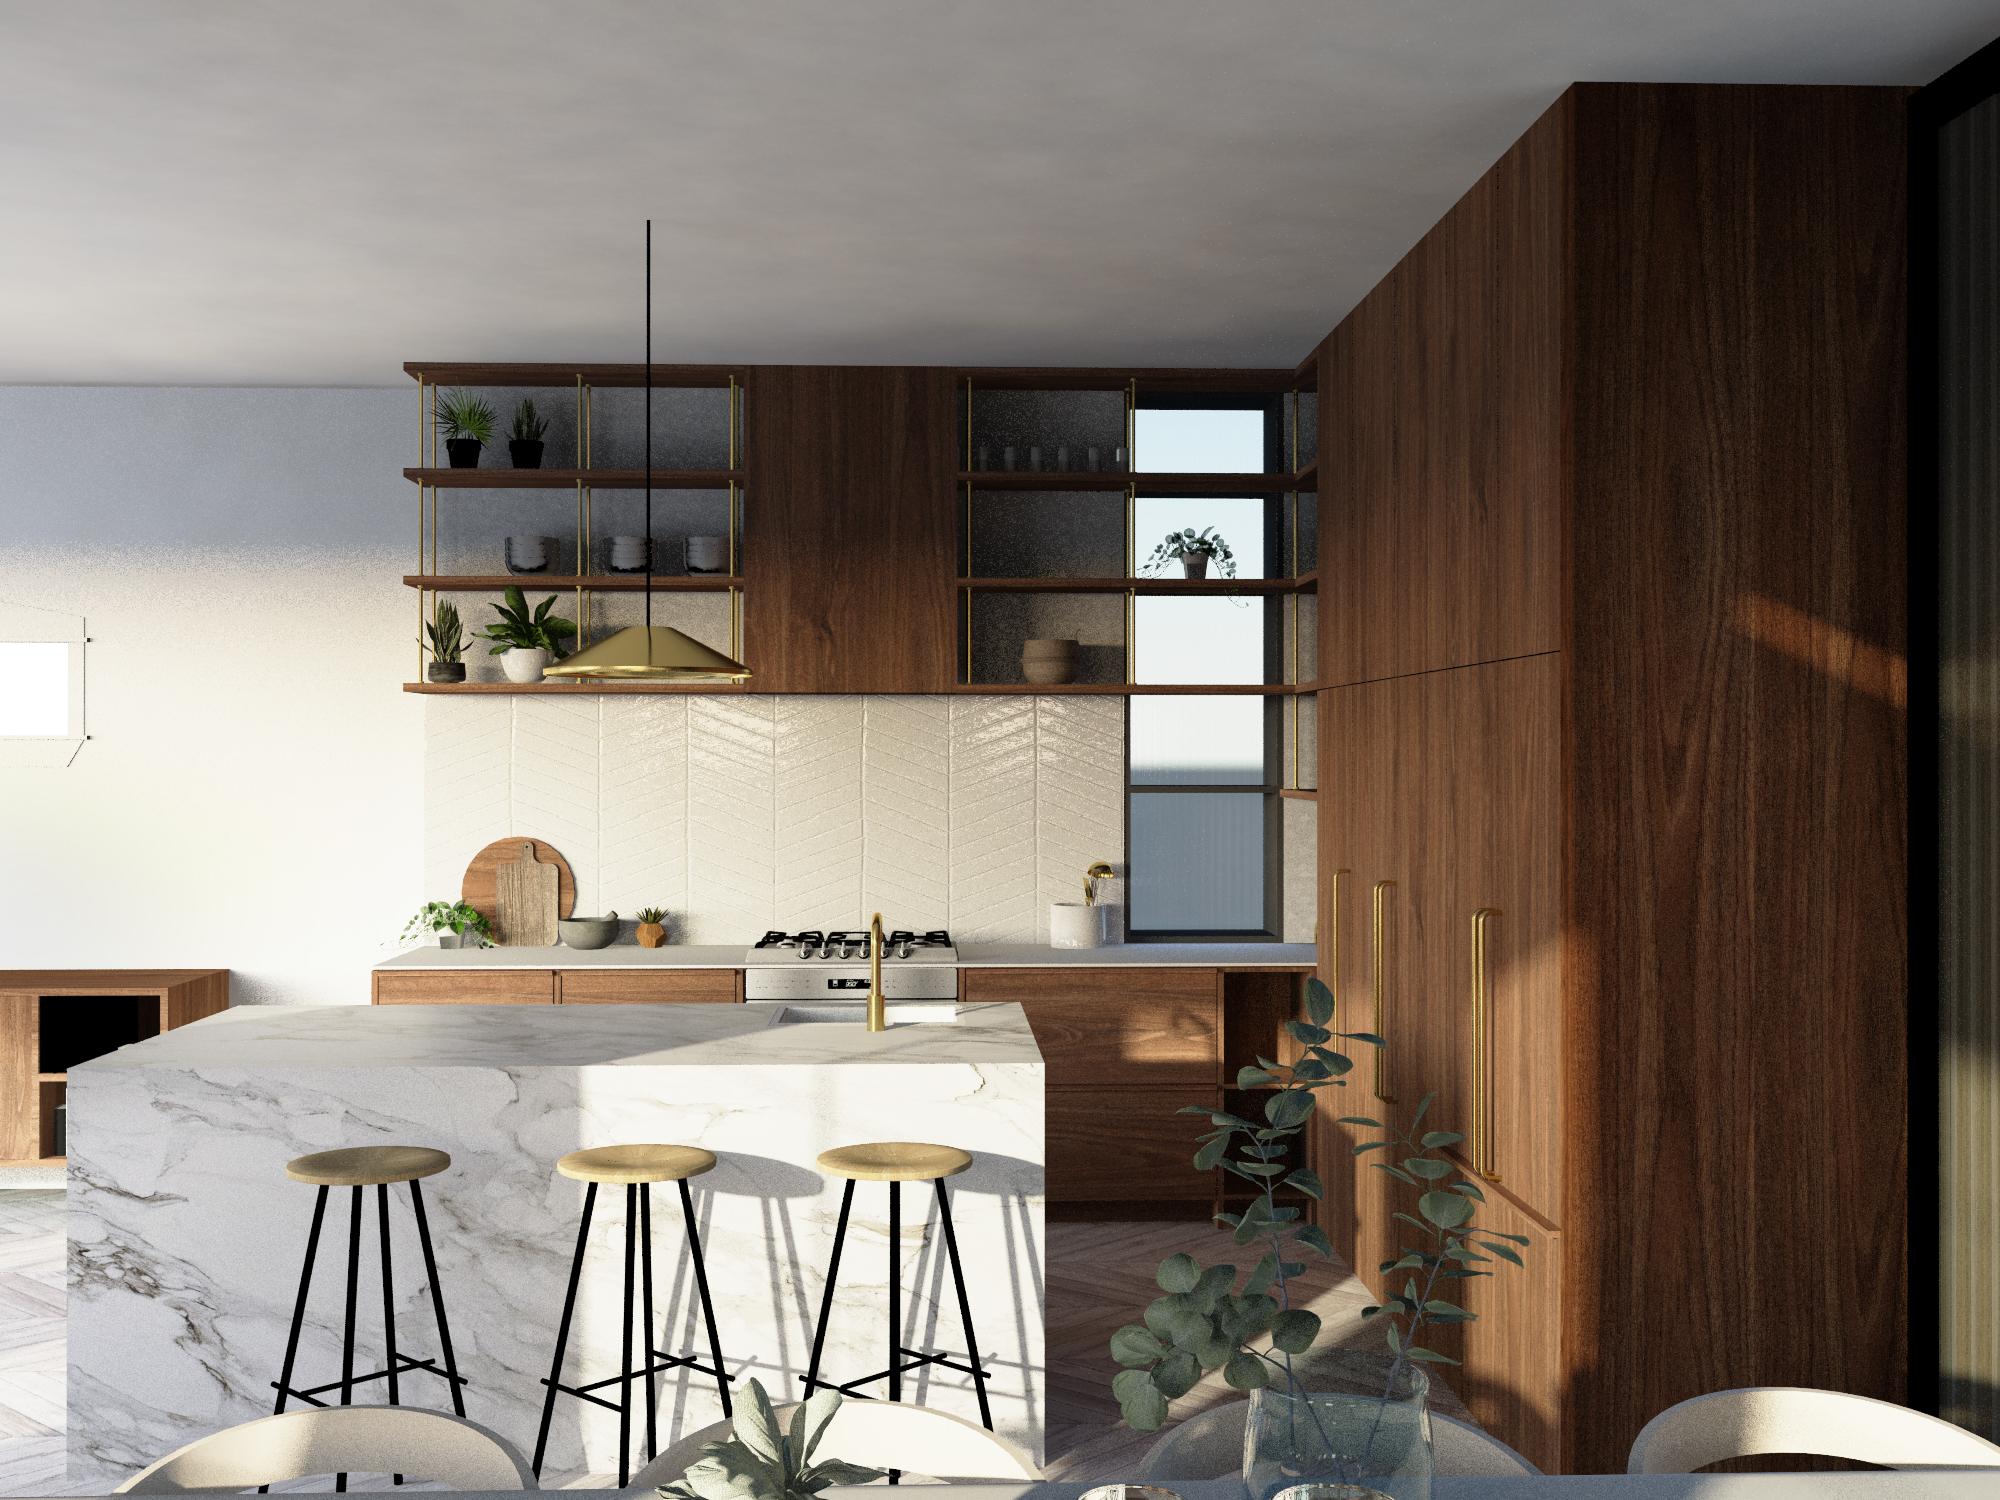 Atelier Aitken Interiors - Mt Eden Home Kitchen.jpg